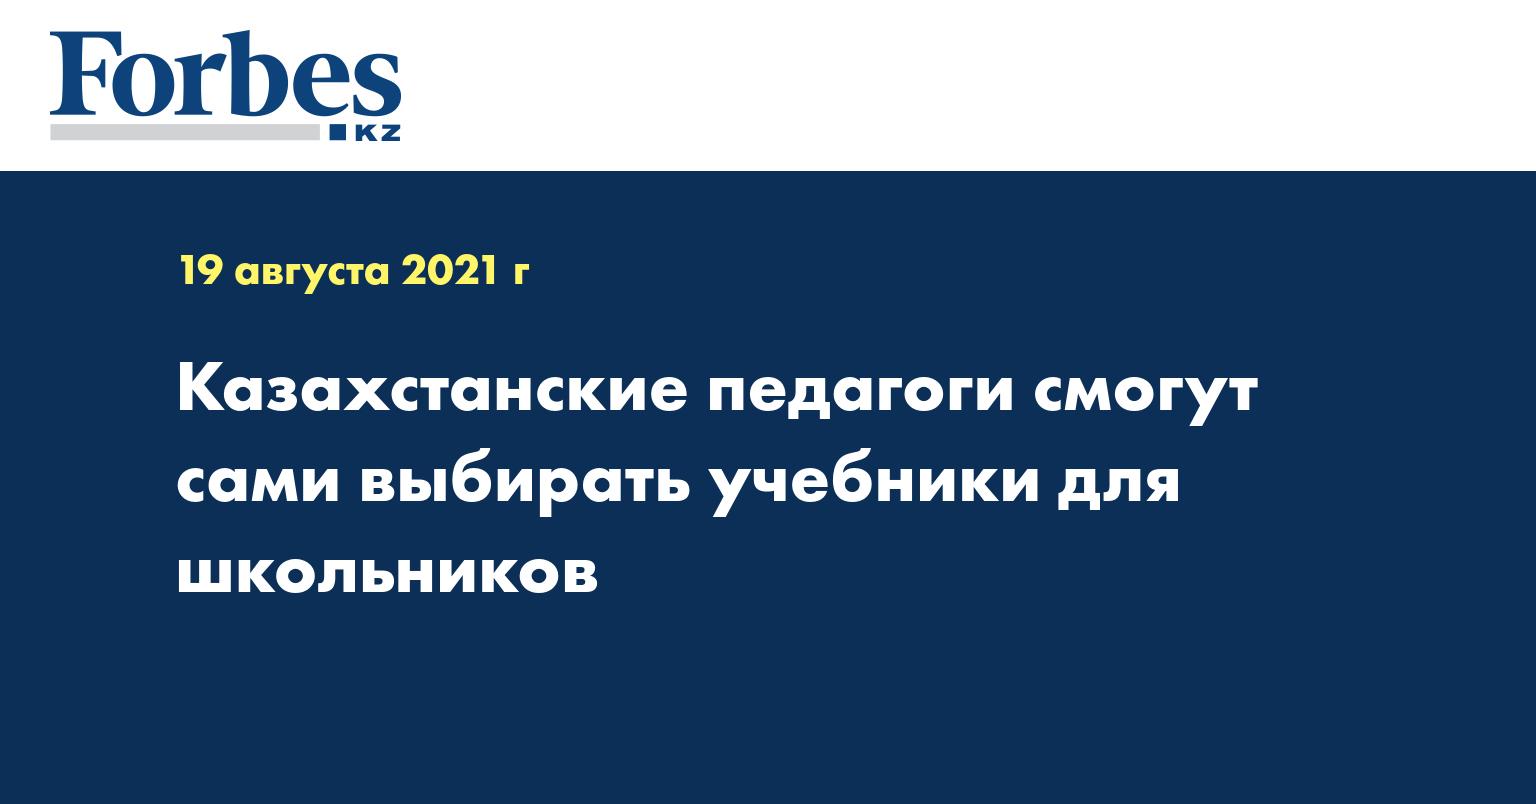 Казахстанские педагоги смогут сами выбирать учебники для школьников